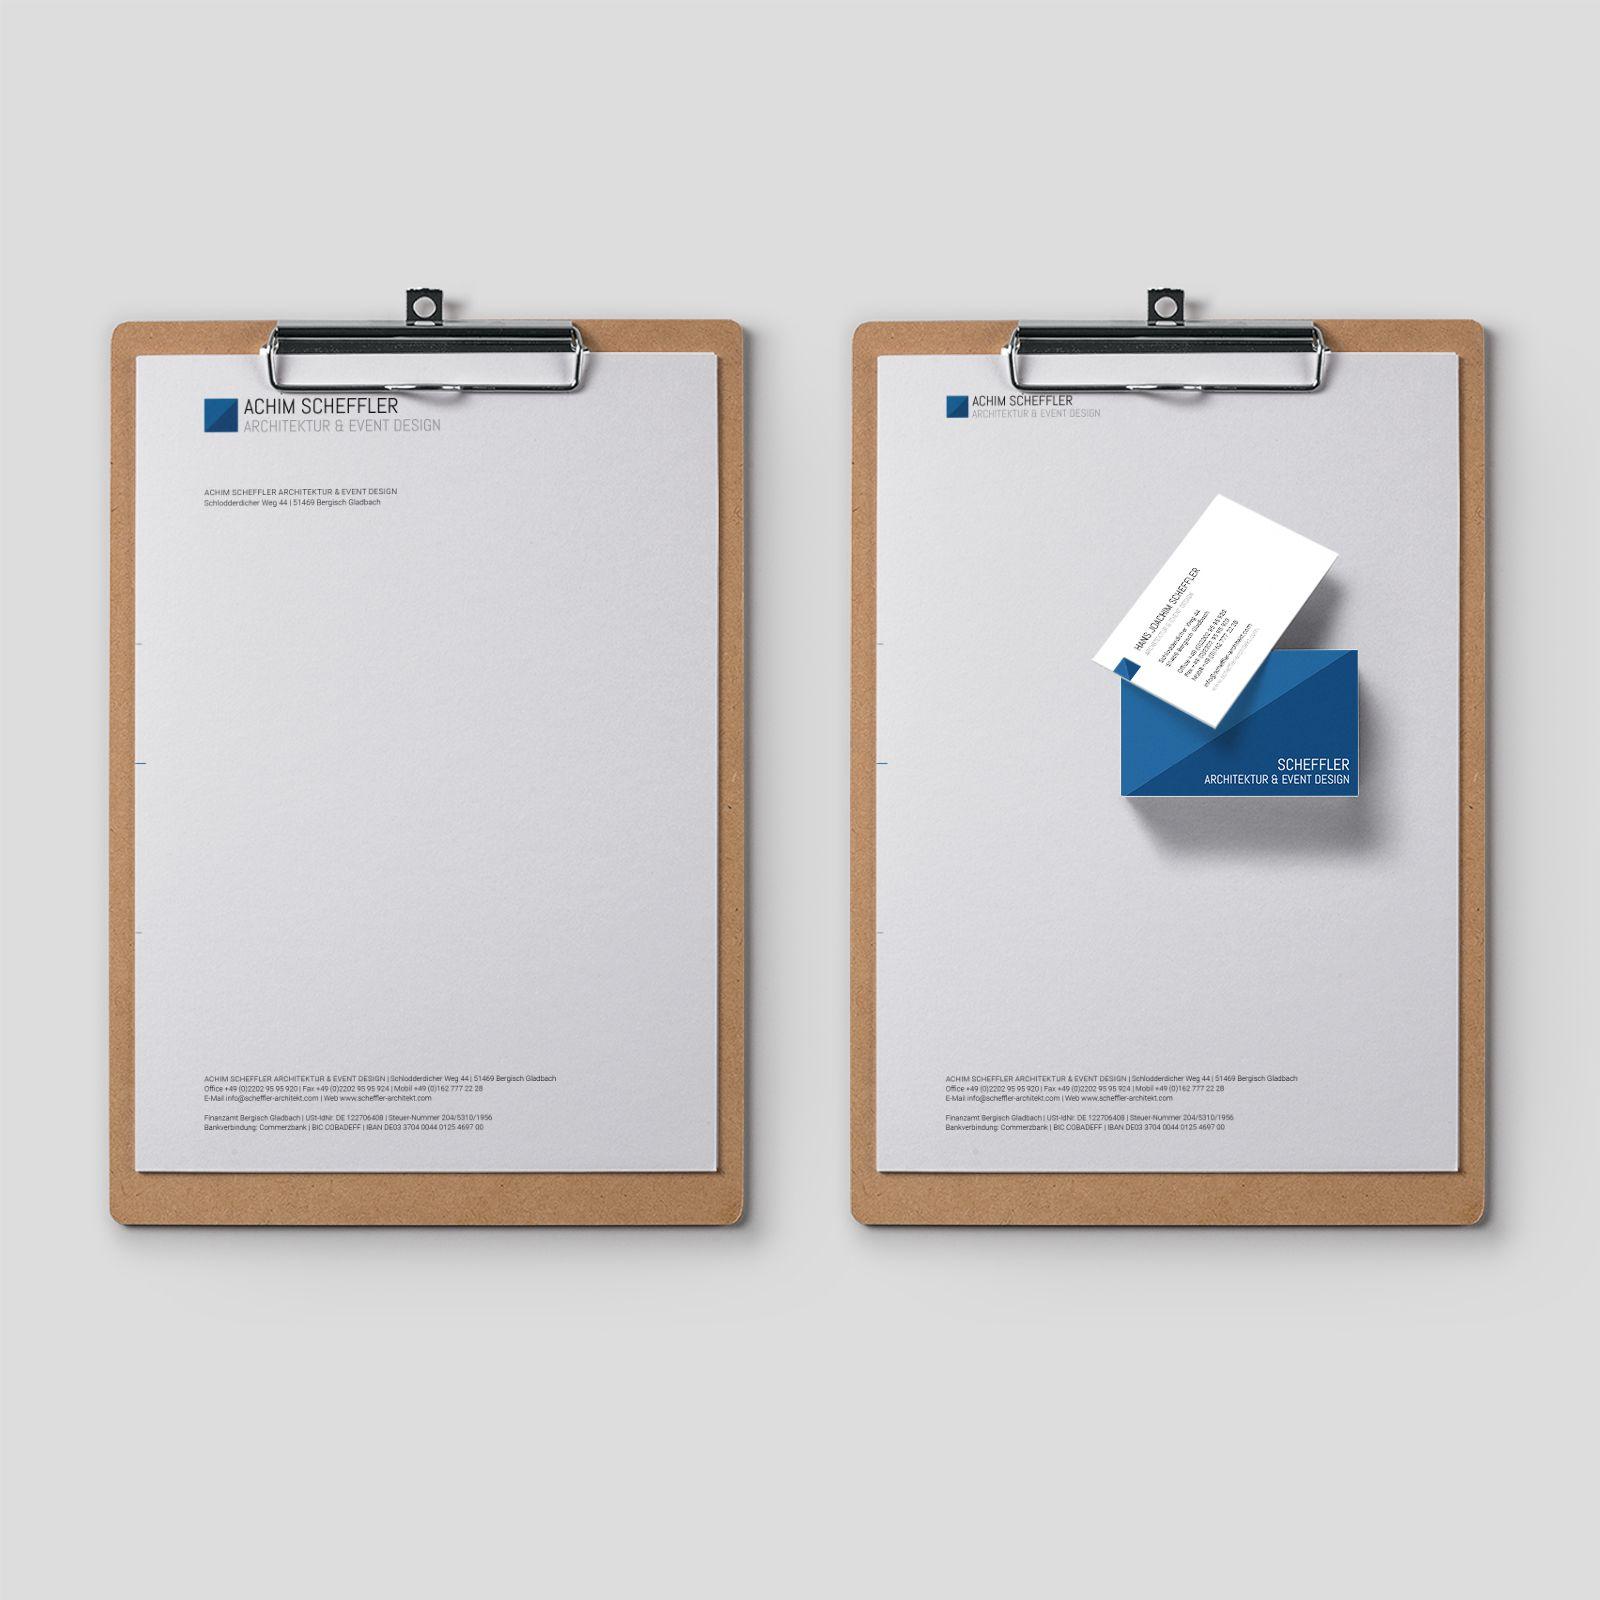 Corporate Design Branding Fur Achim Scheffler Visitenkarten Und Briefpapier Made By Kirch Kriewald Let Corporate Design Briefpapier Bildungsarchitektur